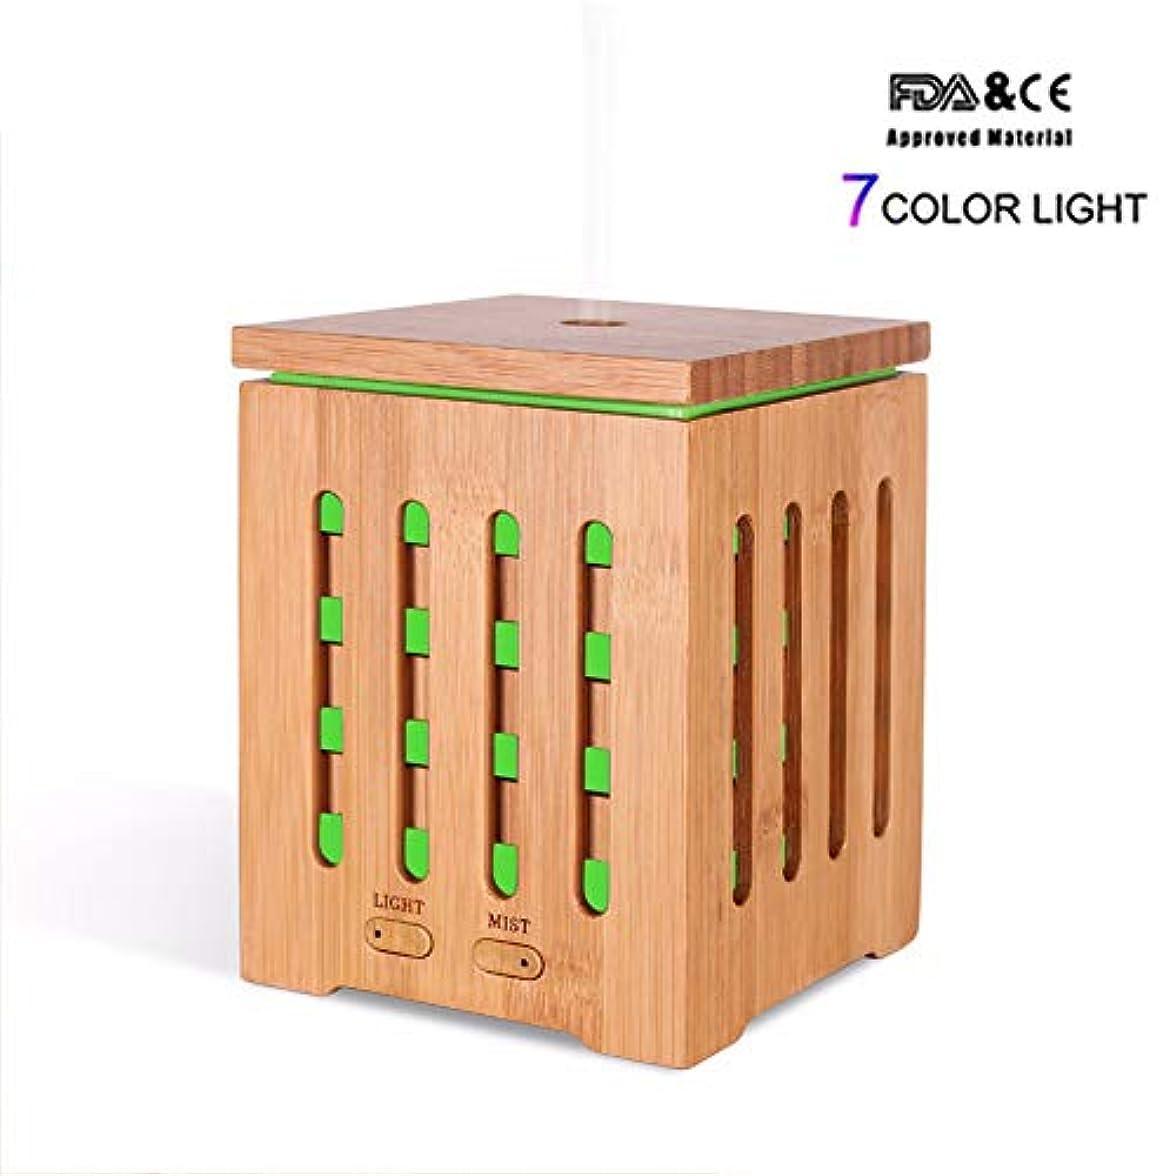 活性化ブート訴える200MLリアル竹エッセンシャルオイルディフューザーアロマテラピー空気加湿器7色LEDライトホームワークスSPA健康的